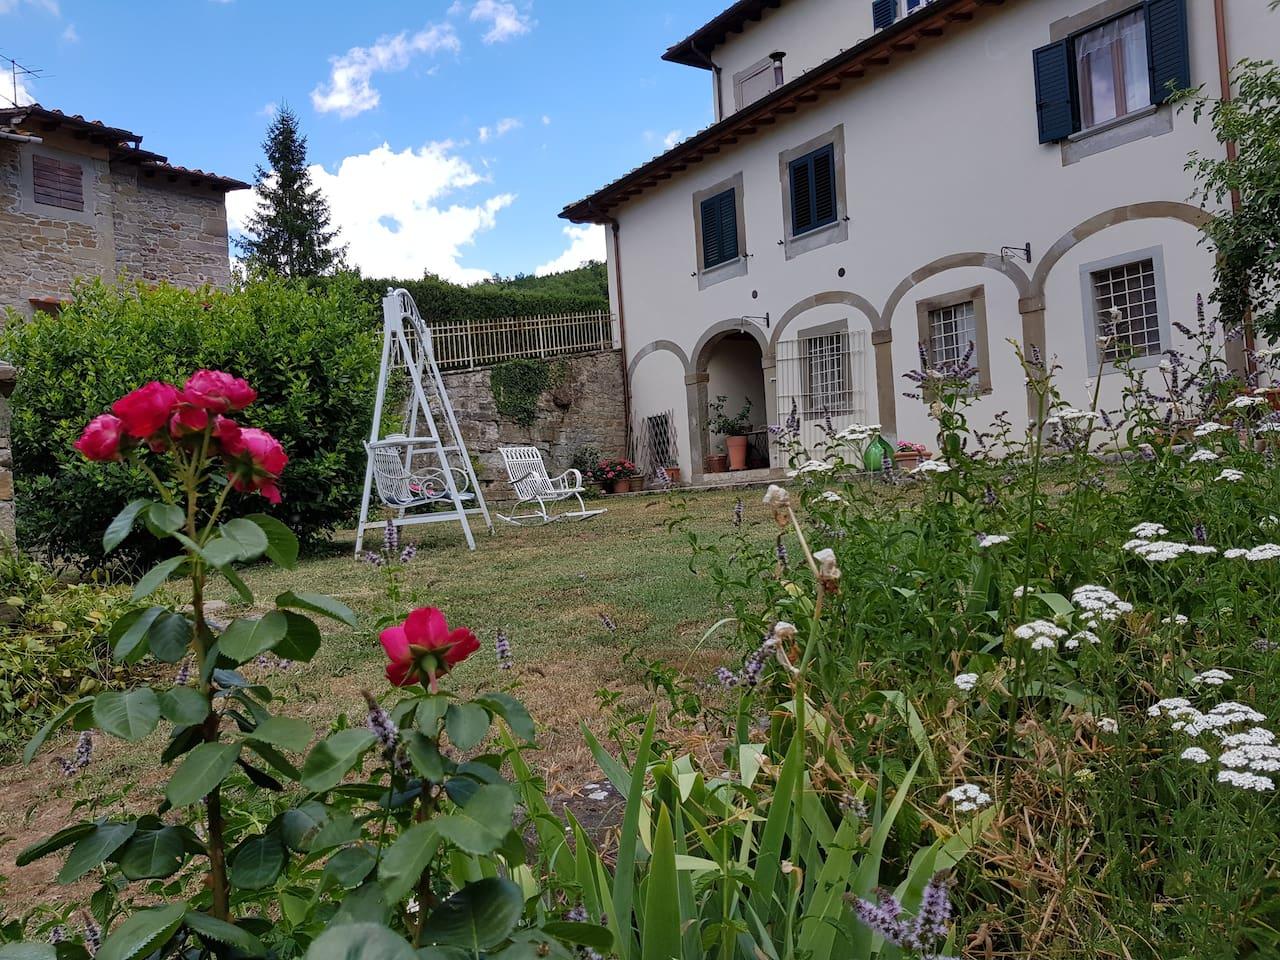 Un angolo della villa visto dal giardino